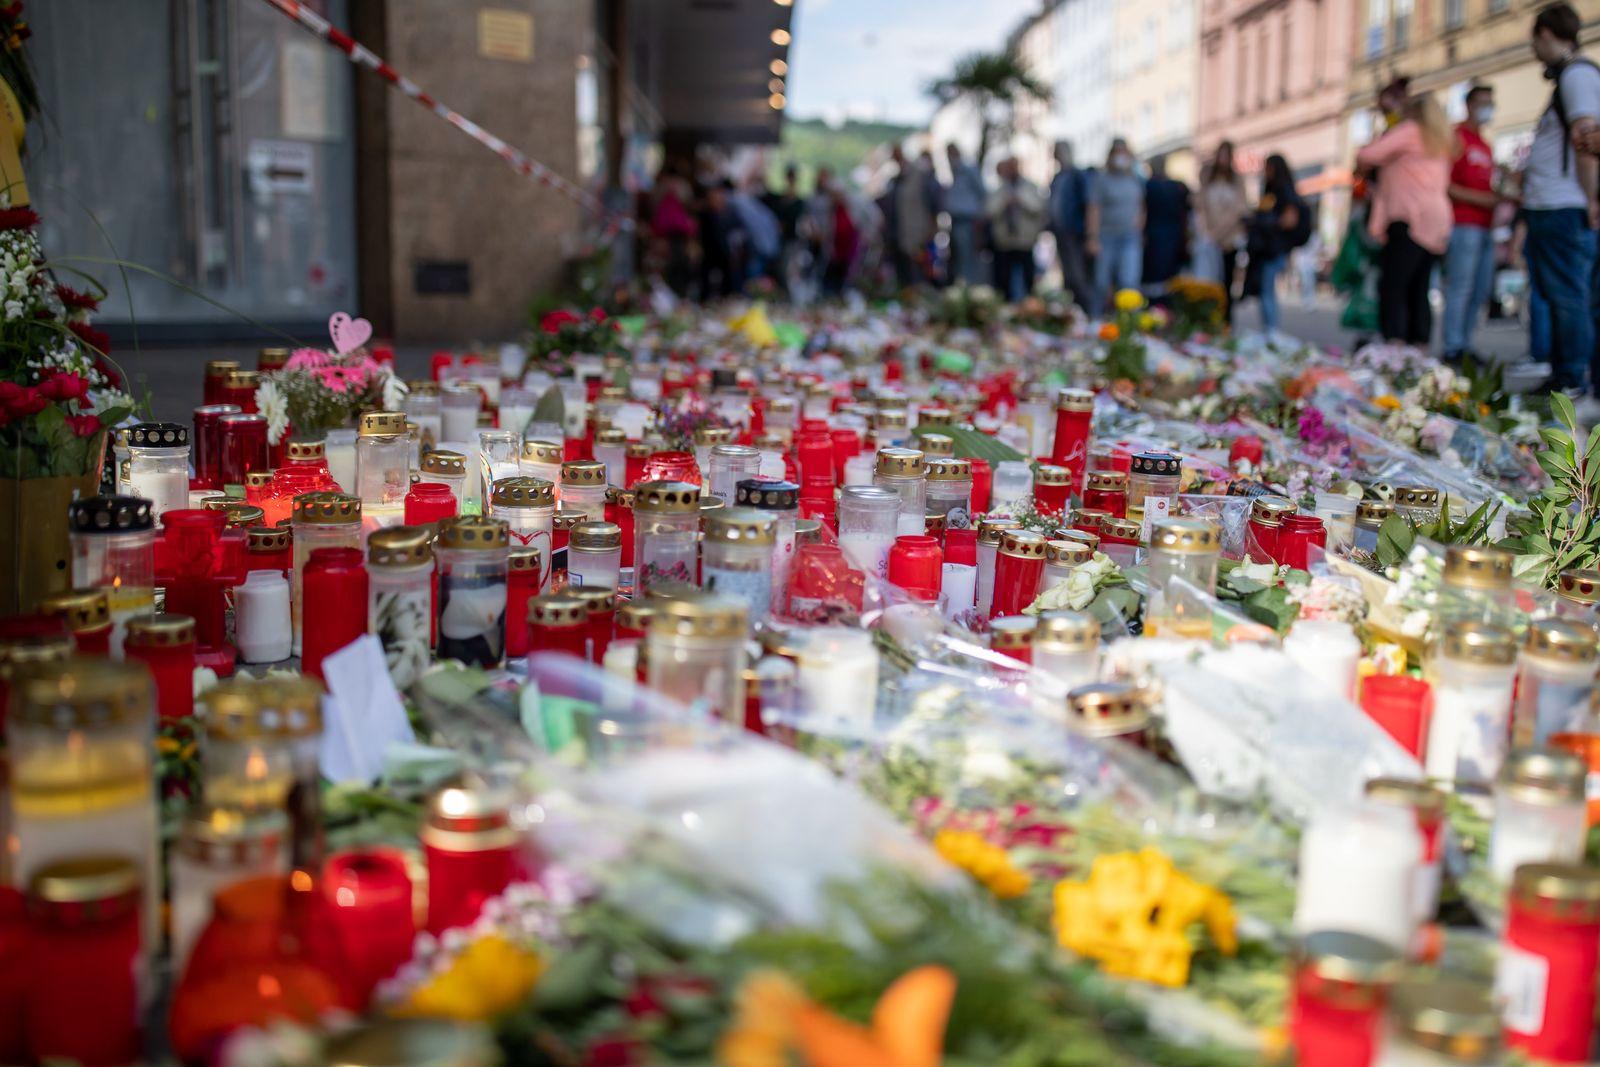 Messerstecher von Würzburg soll von Gefängnis in Psychiatrie